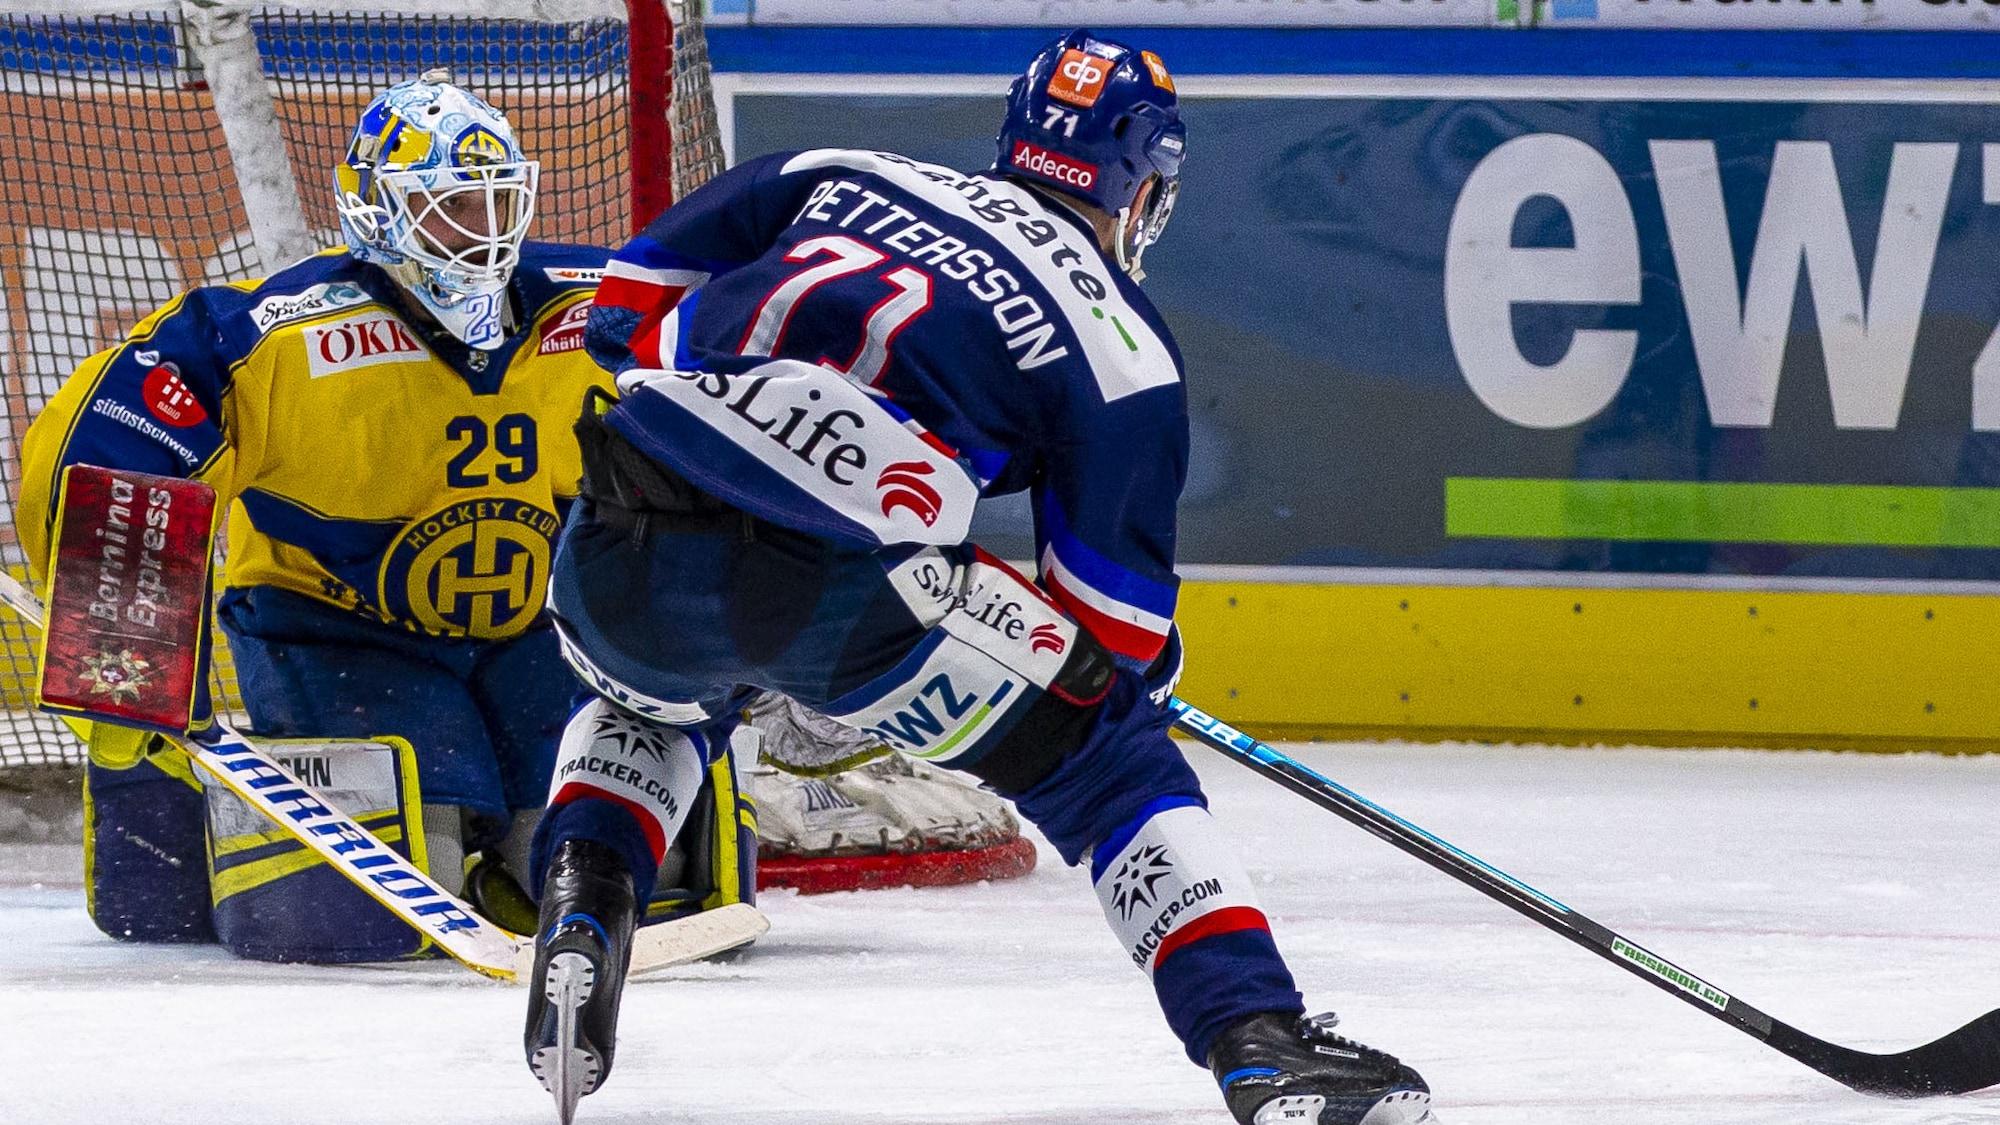 Beim 9-Tore-Spektakel gegen Davos: So beendet Pettersson die Partie in der Verlängerung